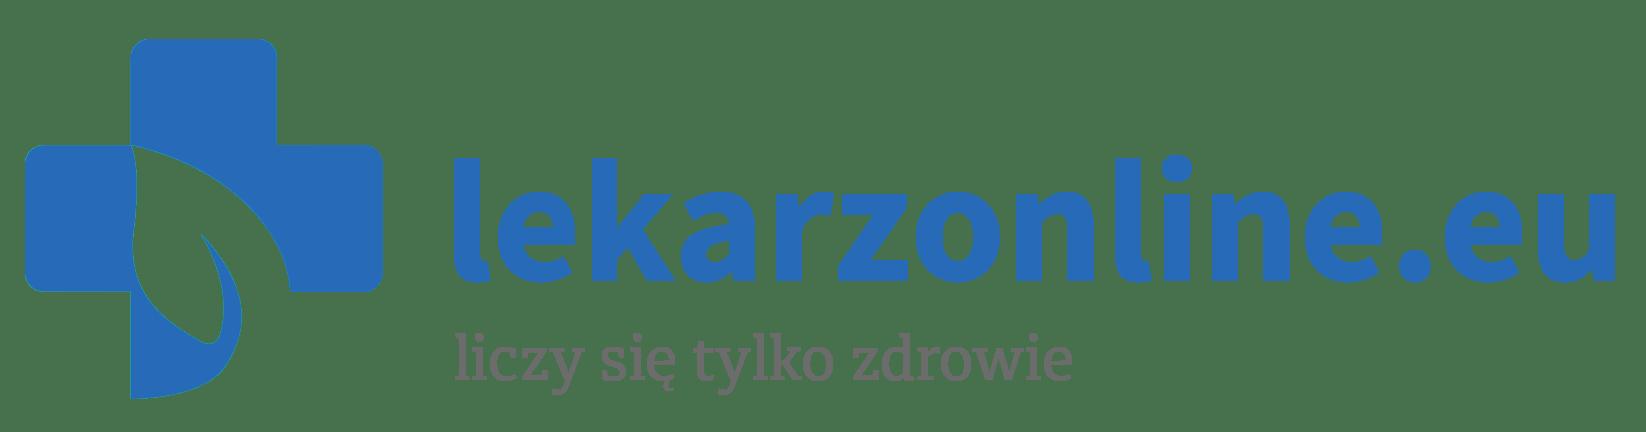 Lekarzonline.eu – Liczy się tylko zdrowie